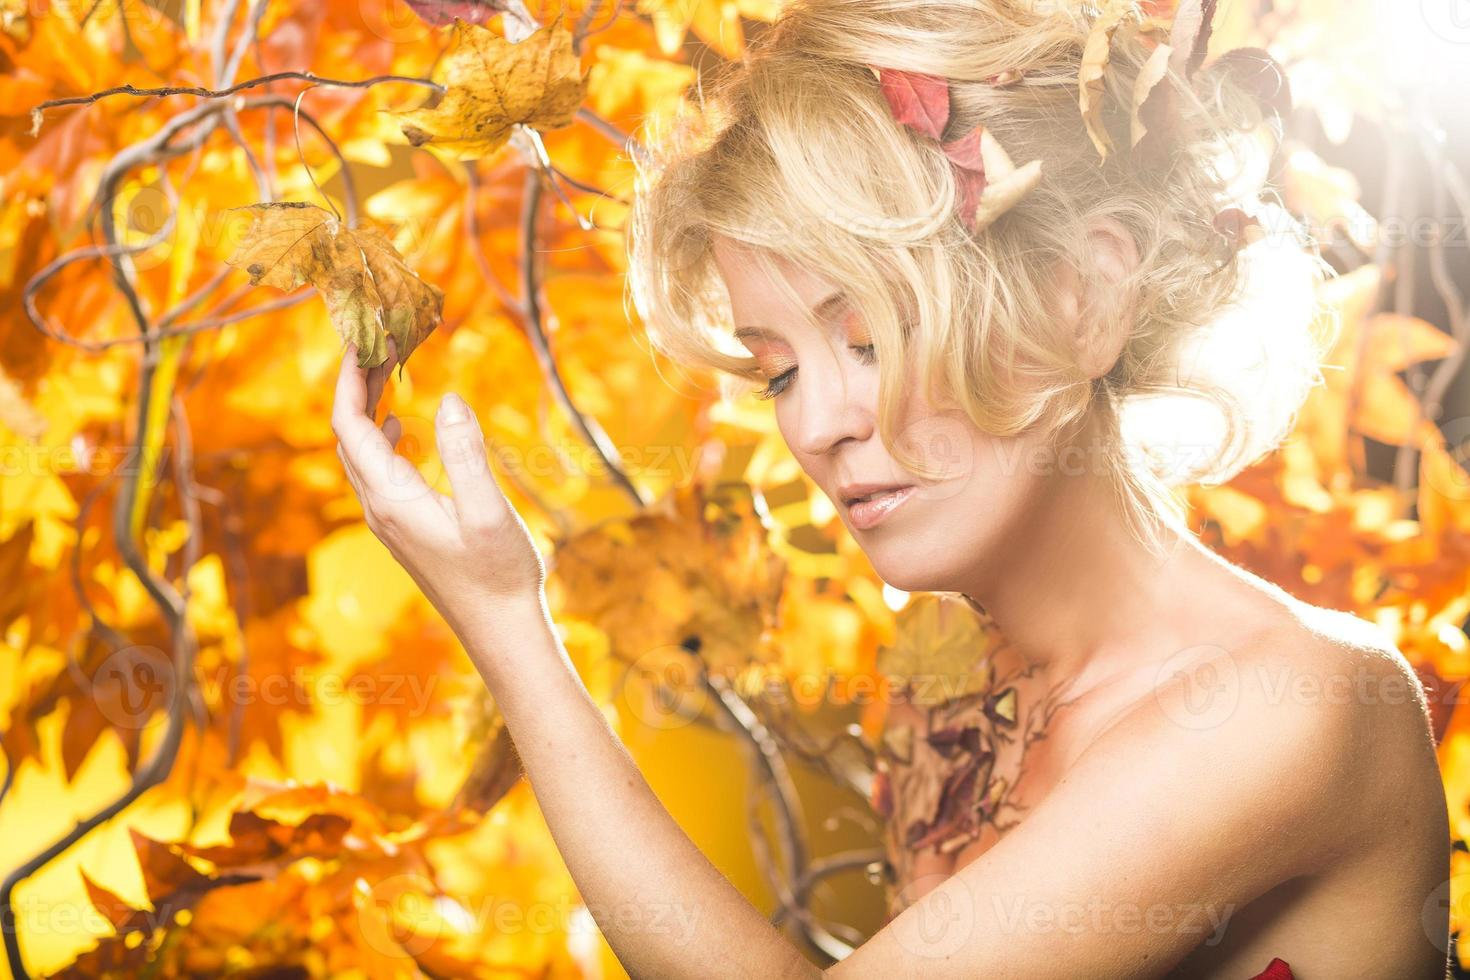 portrait de fille blonde automne or magique en feuilles photo